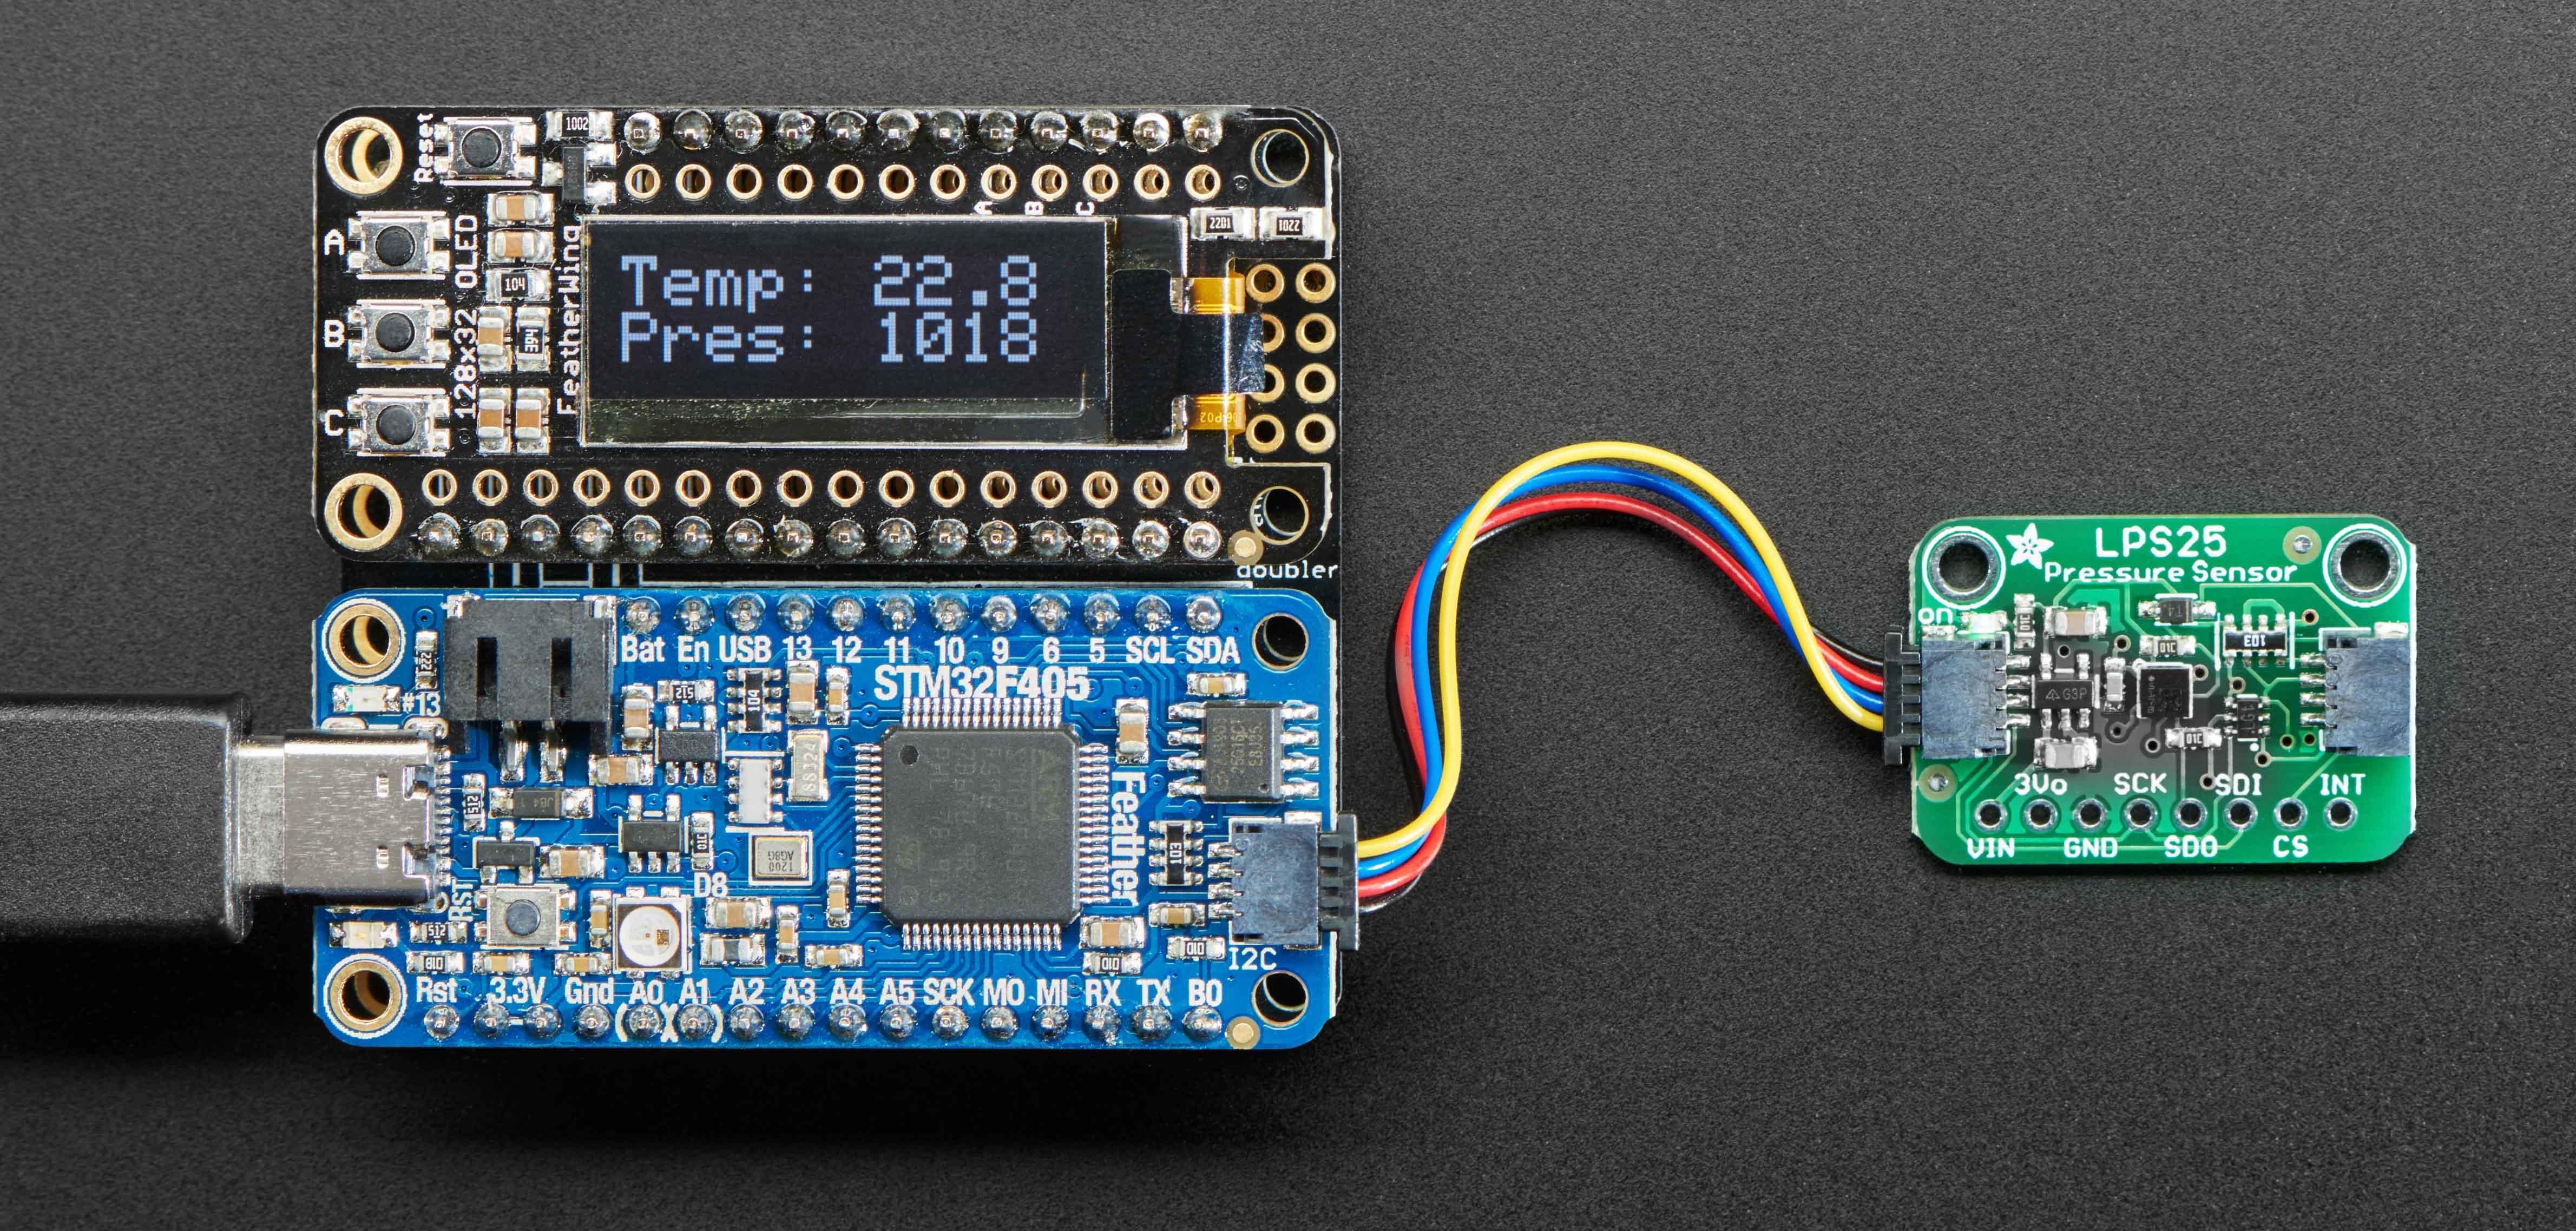 adafruit_products_4530_demo_ORIG_2020_03.jpg